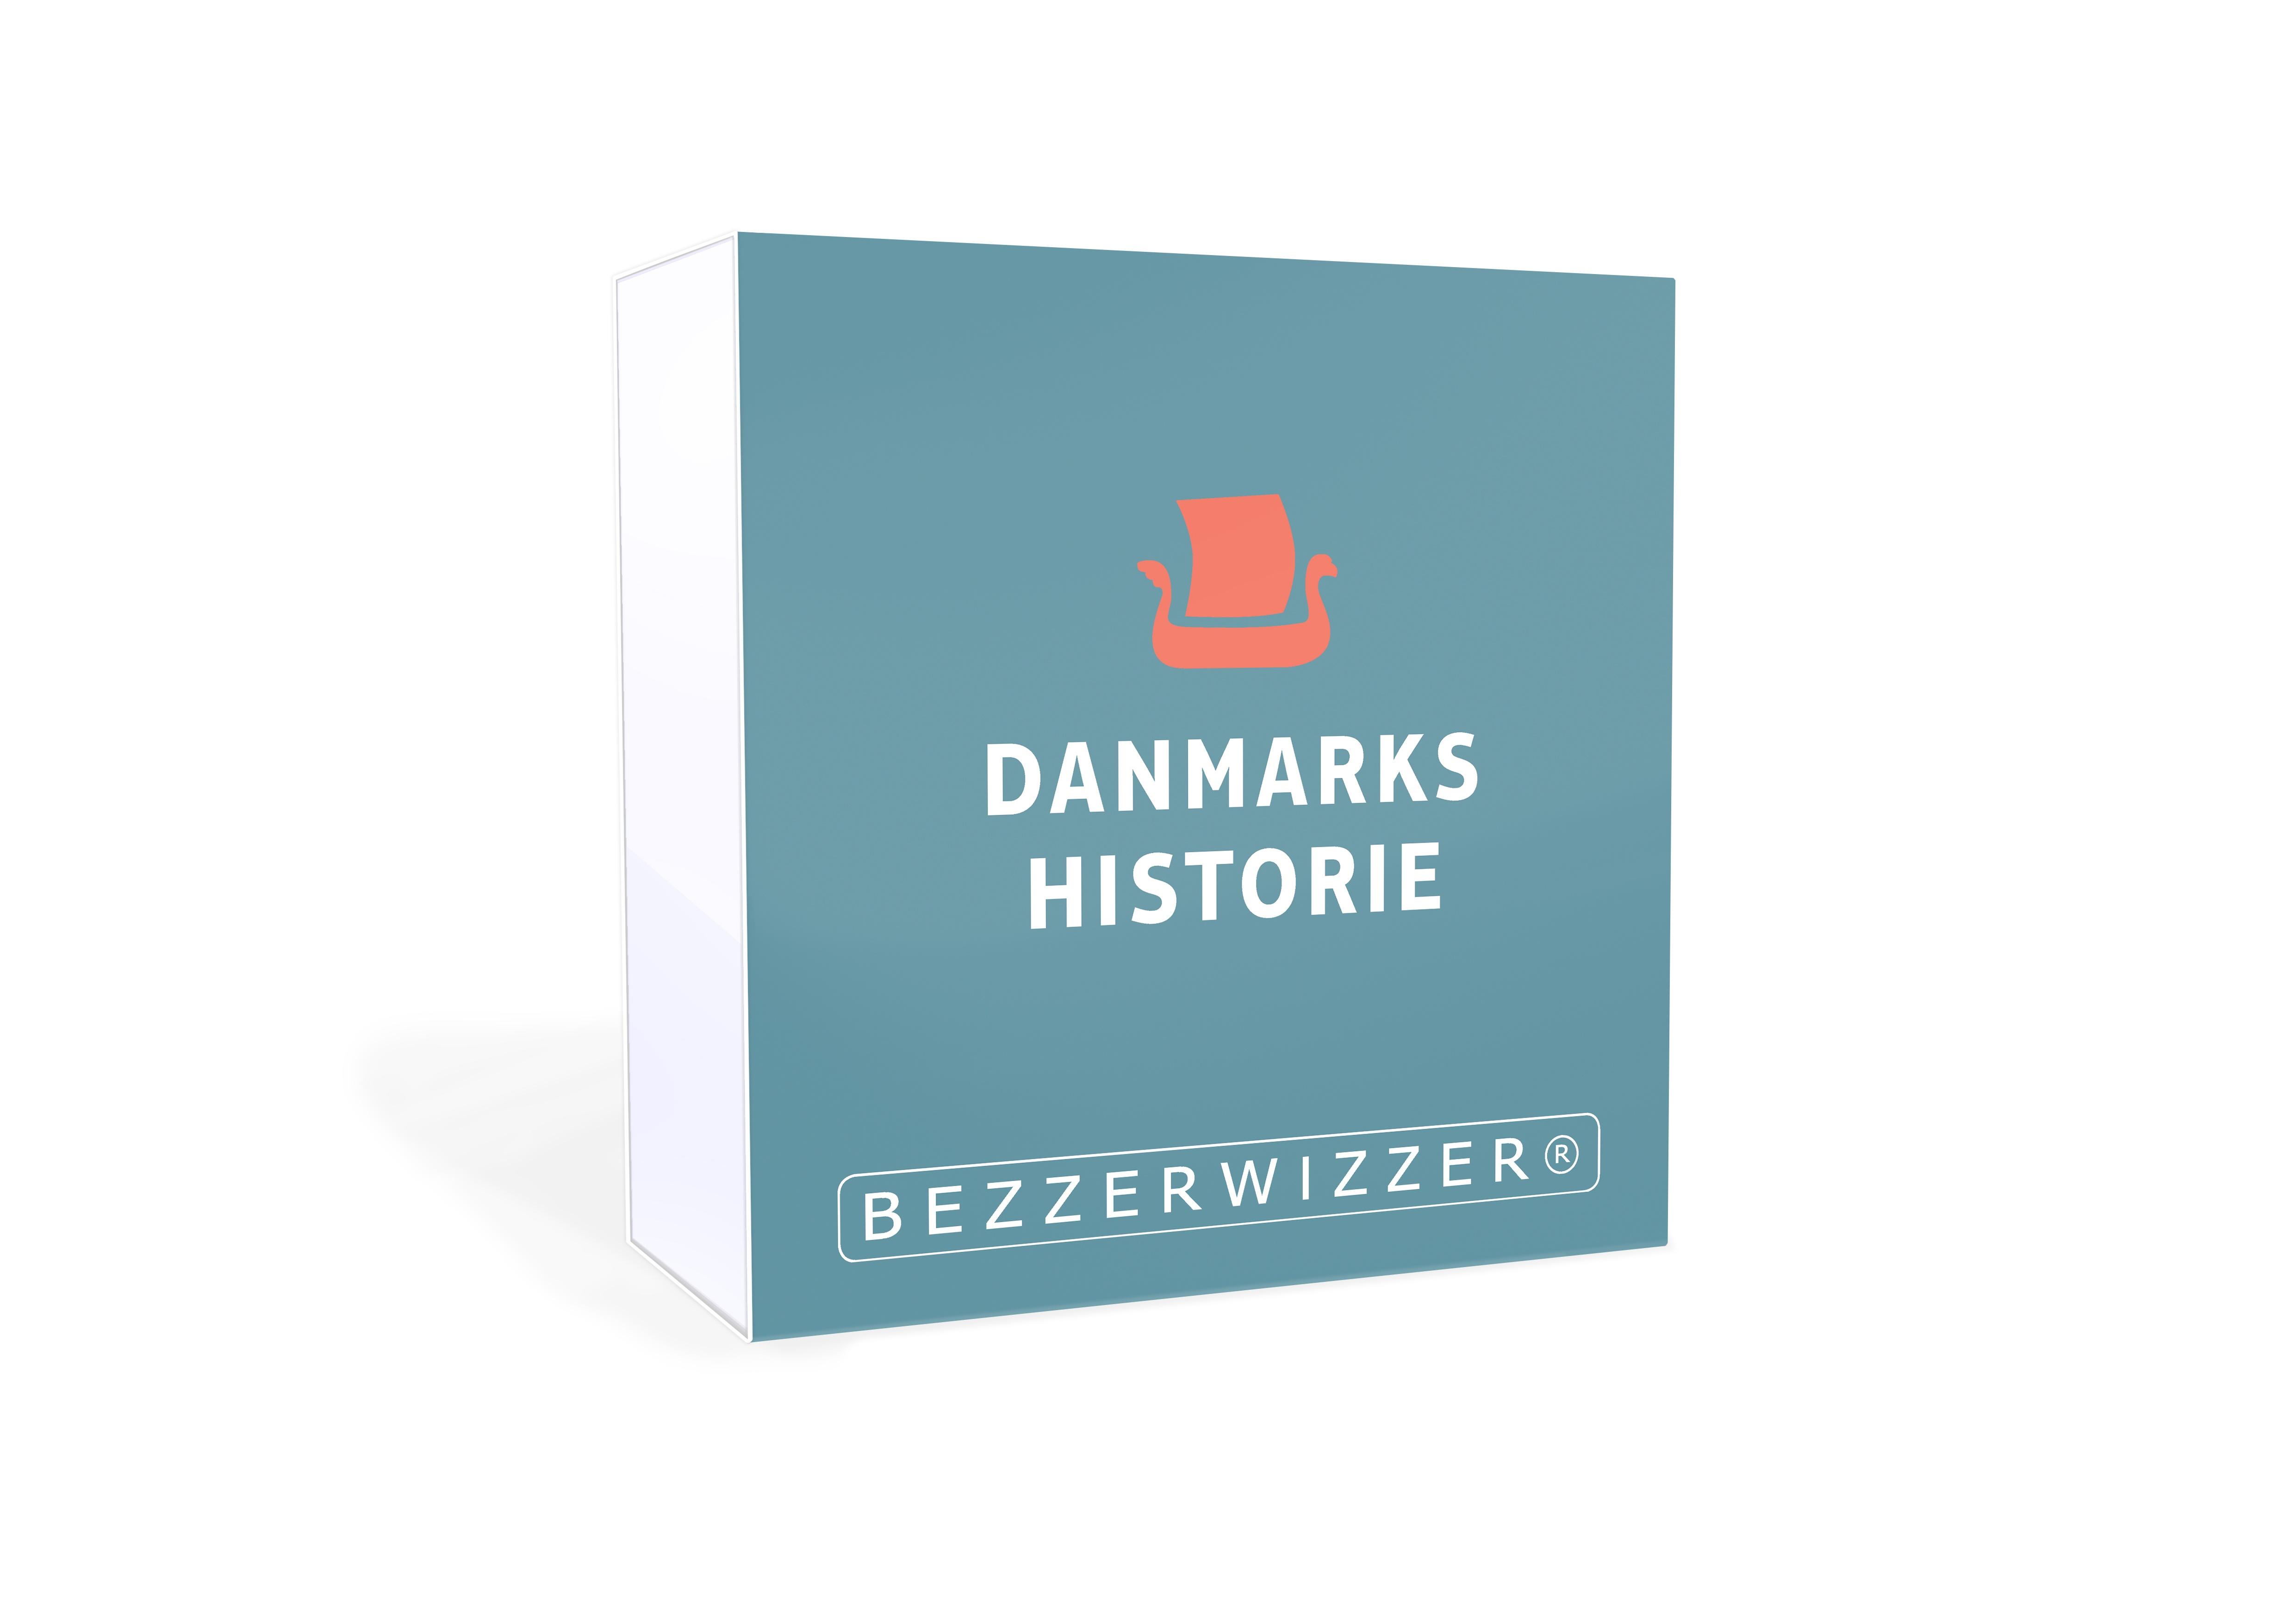 Bezzerwizzer Bricks, danmarks historie